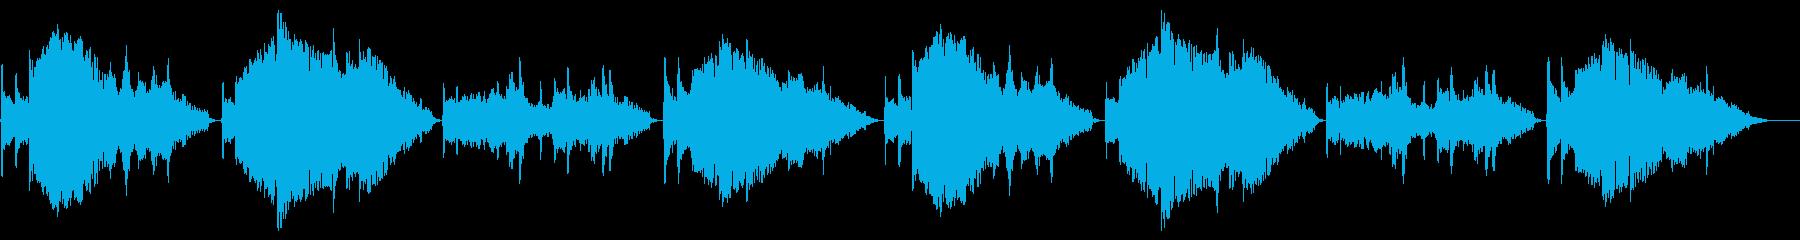 荒城の月【尺八ソロ】の再生済みの波形